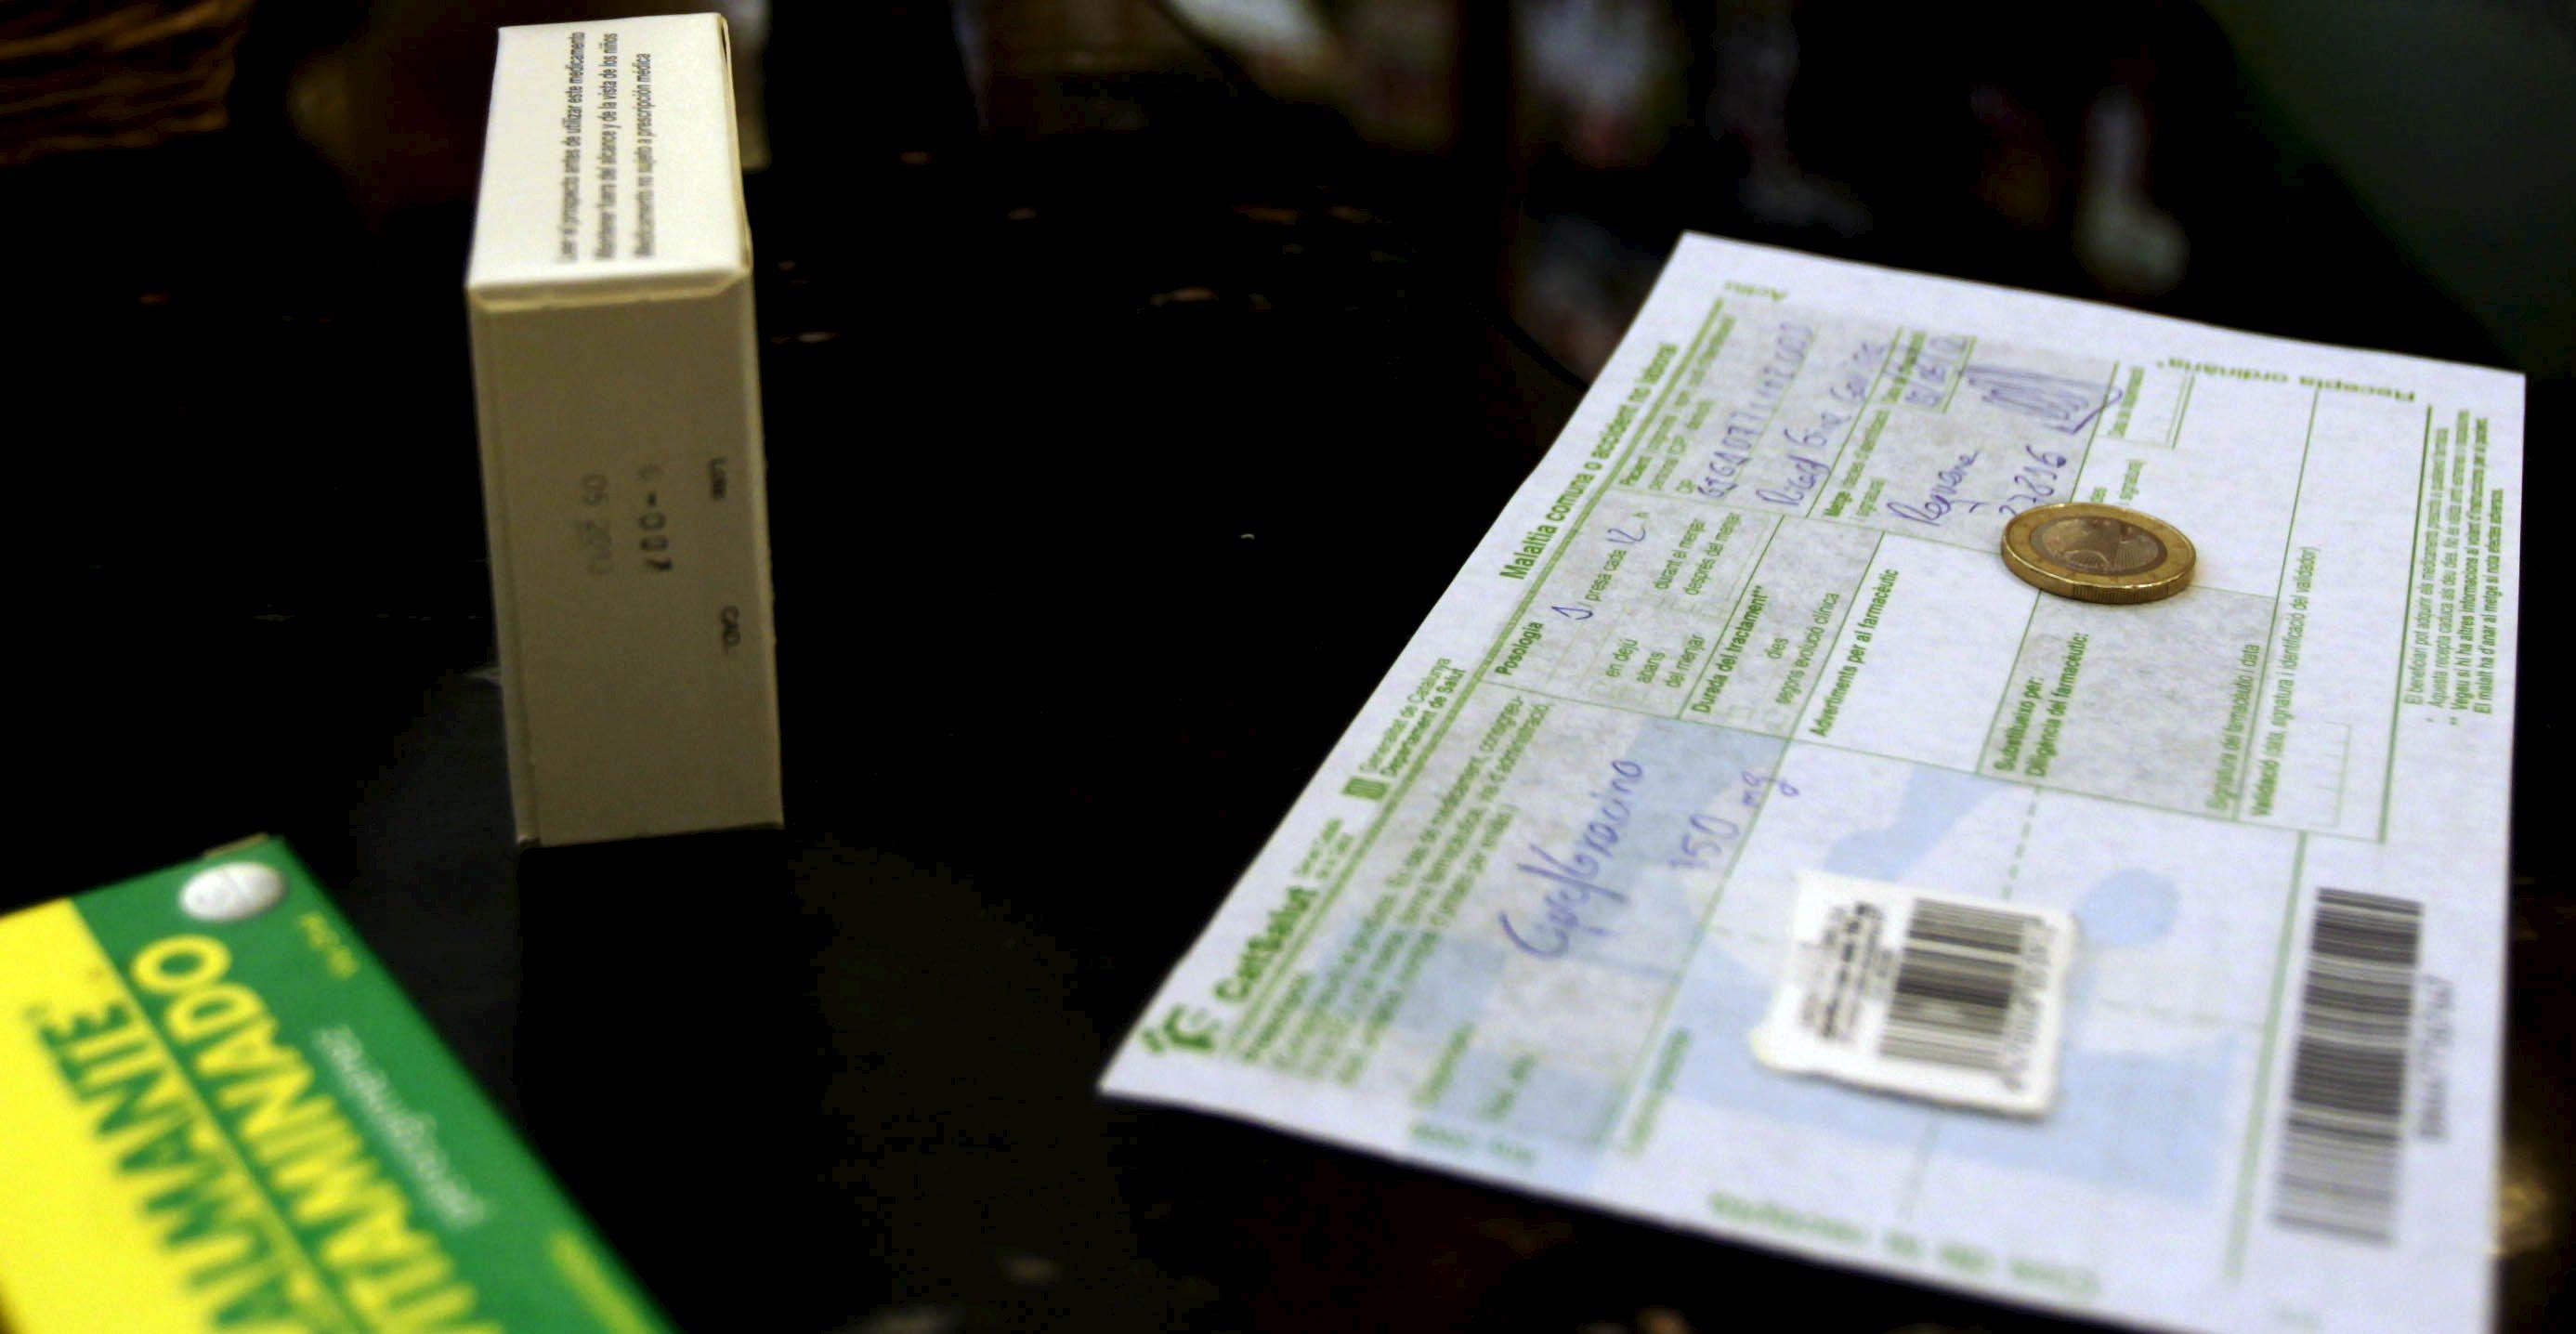 Euskadi se incorpora al copago y el País Vasco ahorra 20 millones